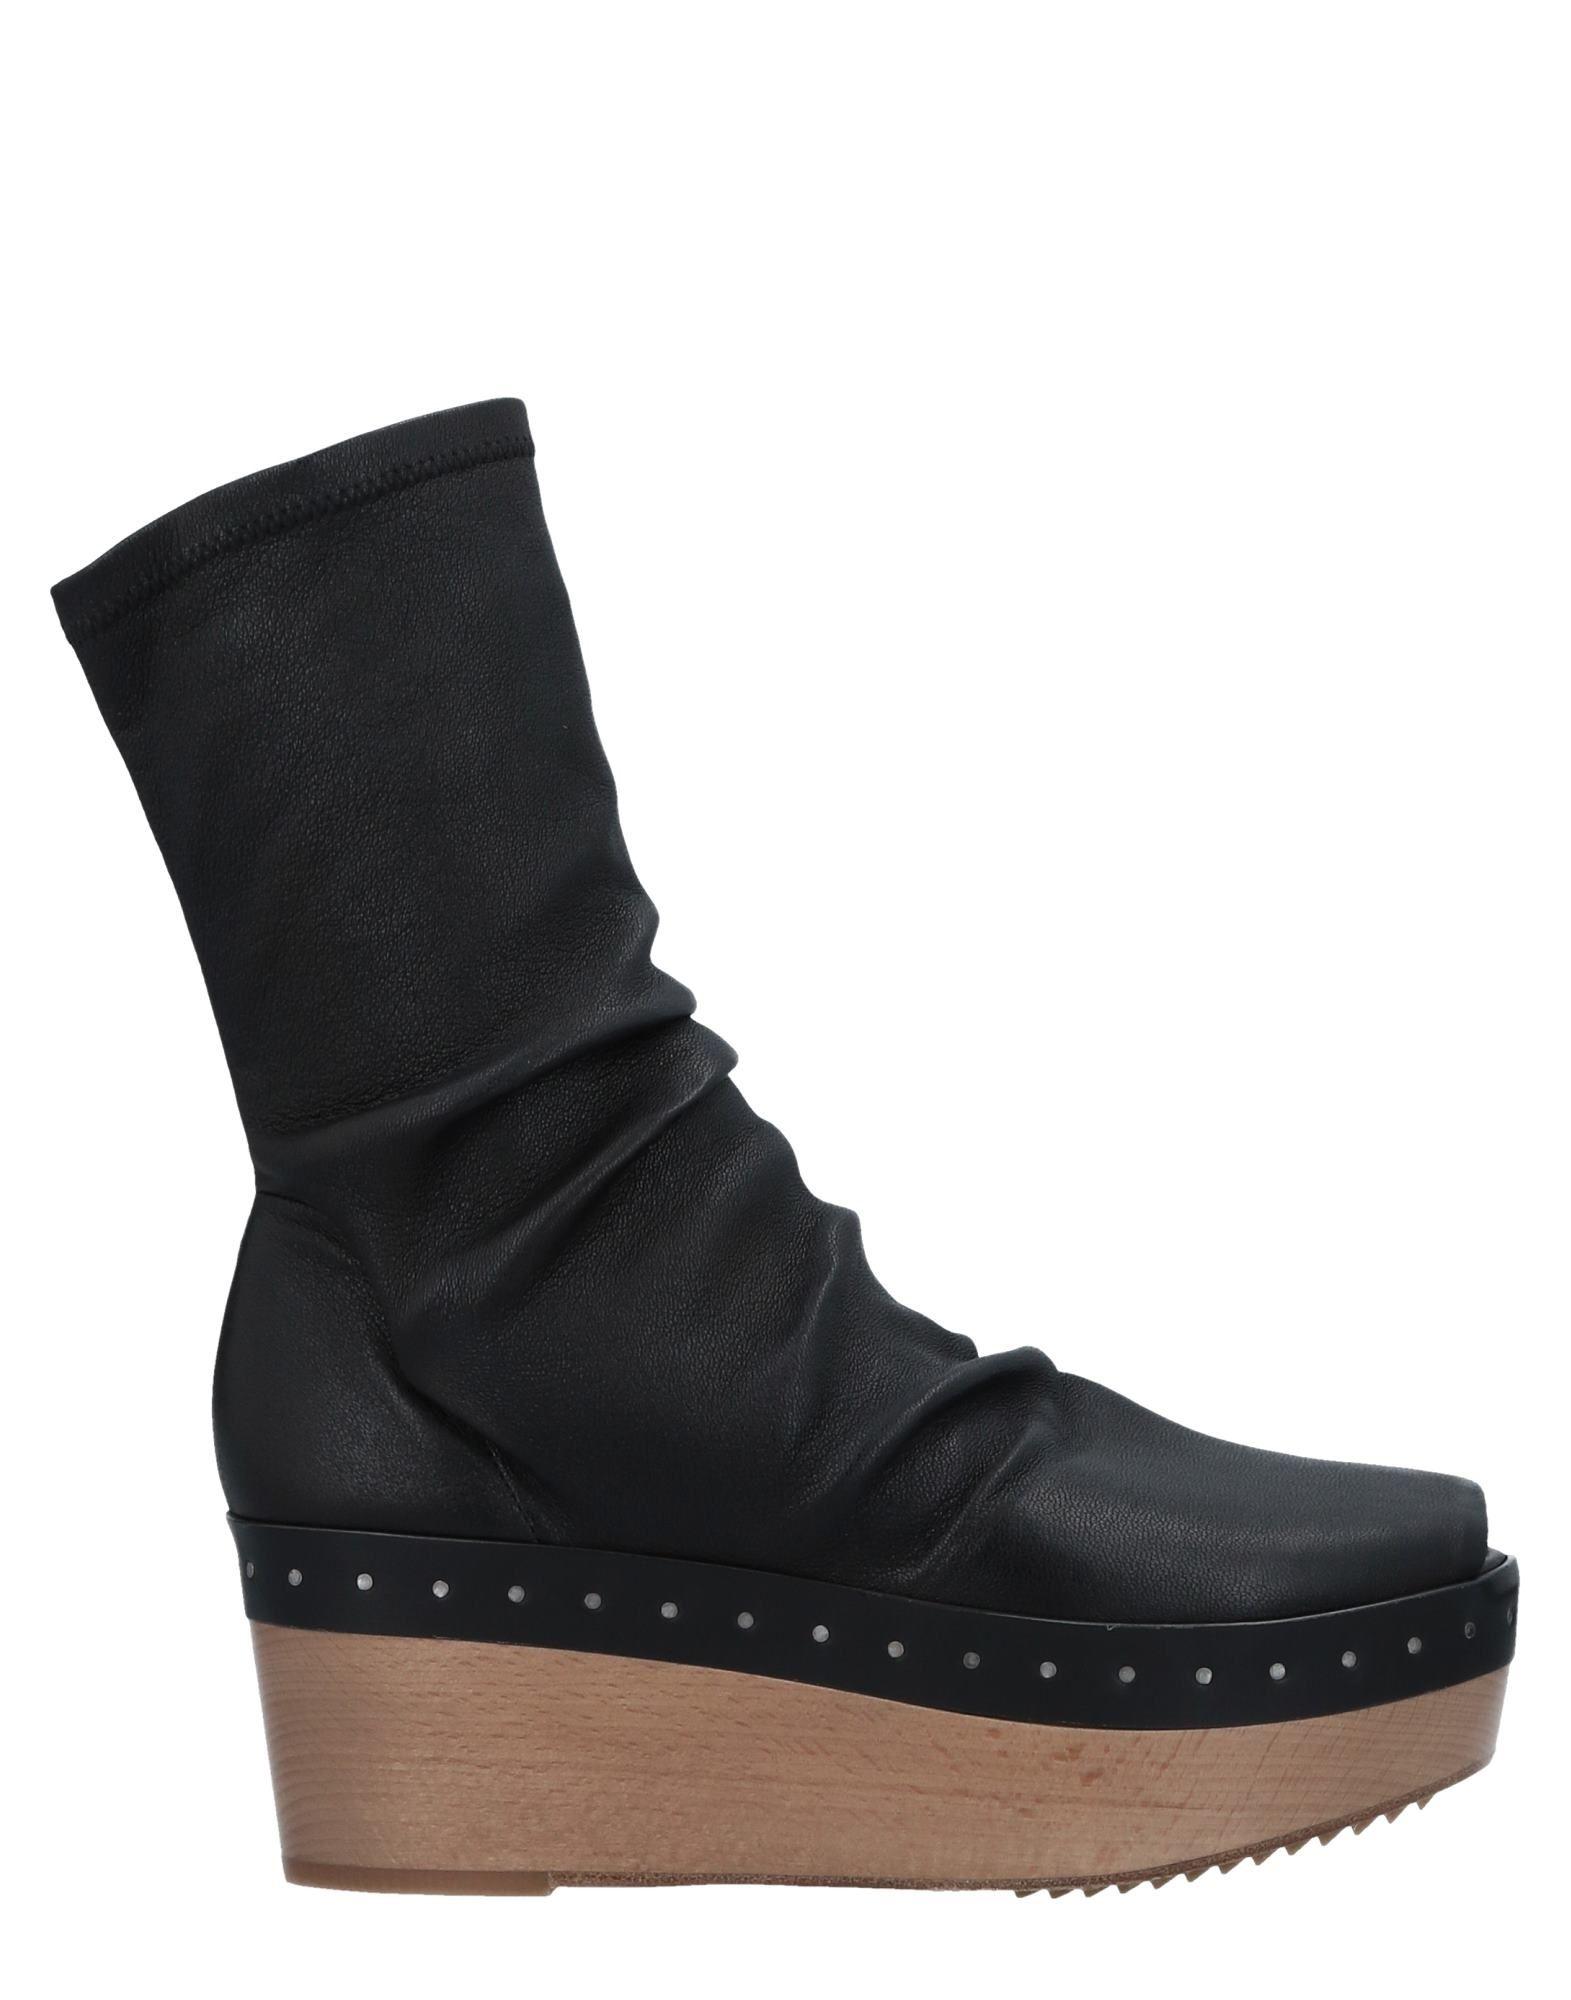 Rick Owens Stiefelette Damen Schuhe  11513237SOGünstige gut aussehende Schuhe Damen ac35ac